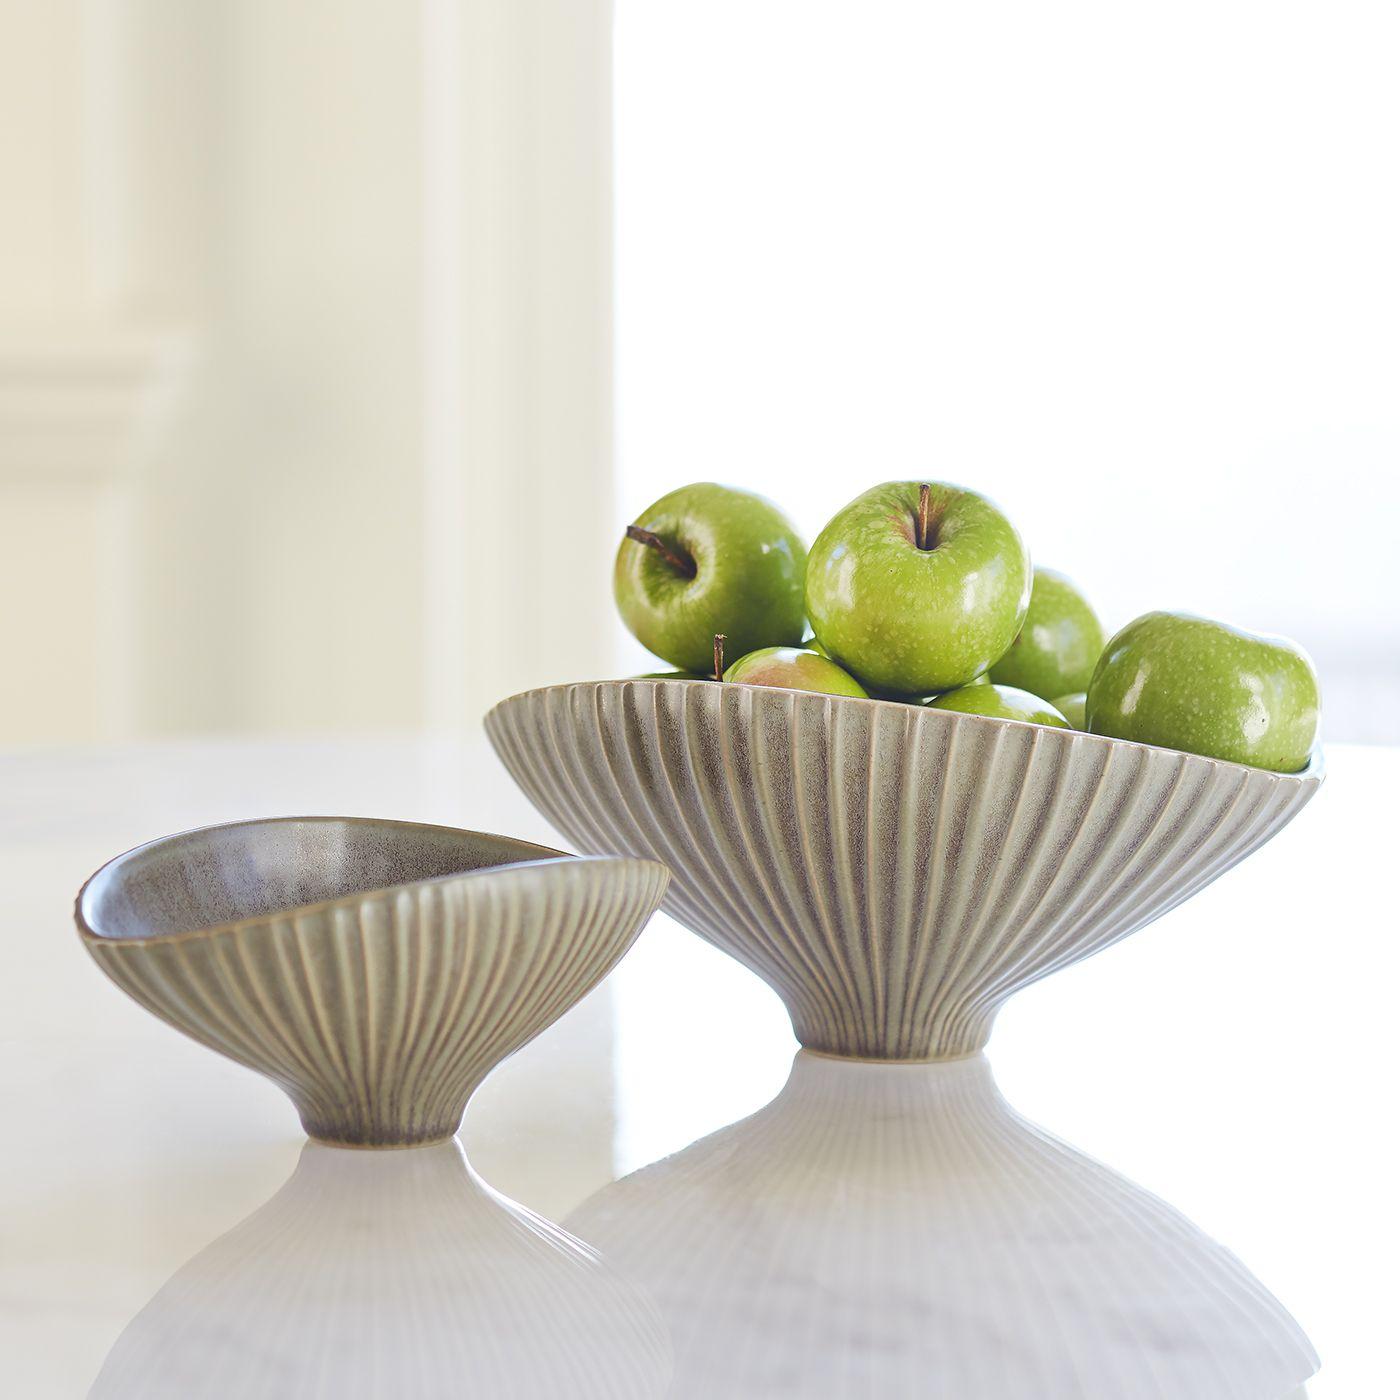 Kitchen Appliances Regina: Jonathan Adler Anemone Relief Bowl